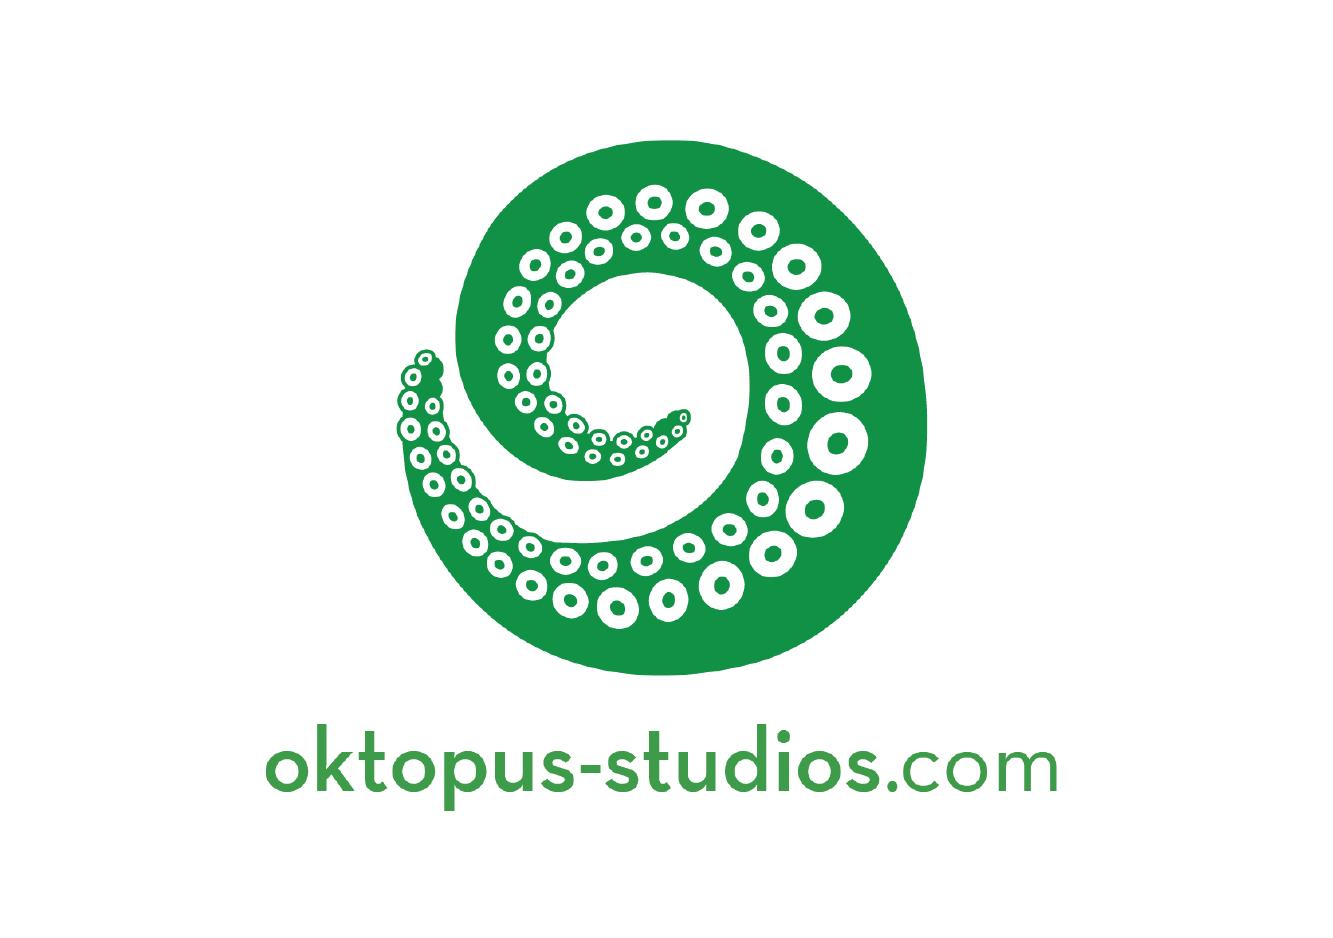 oktopus-studio